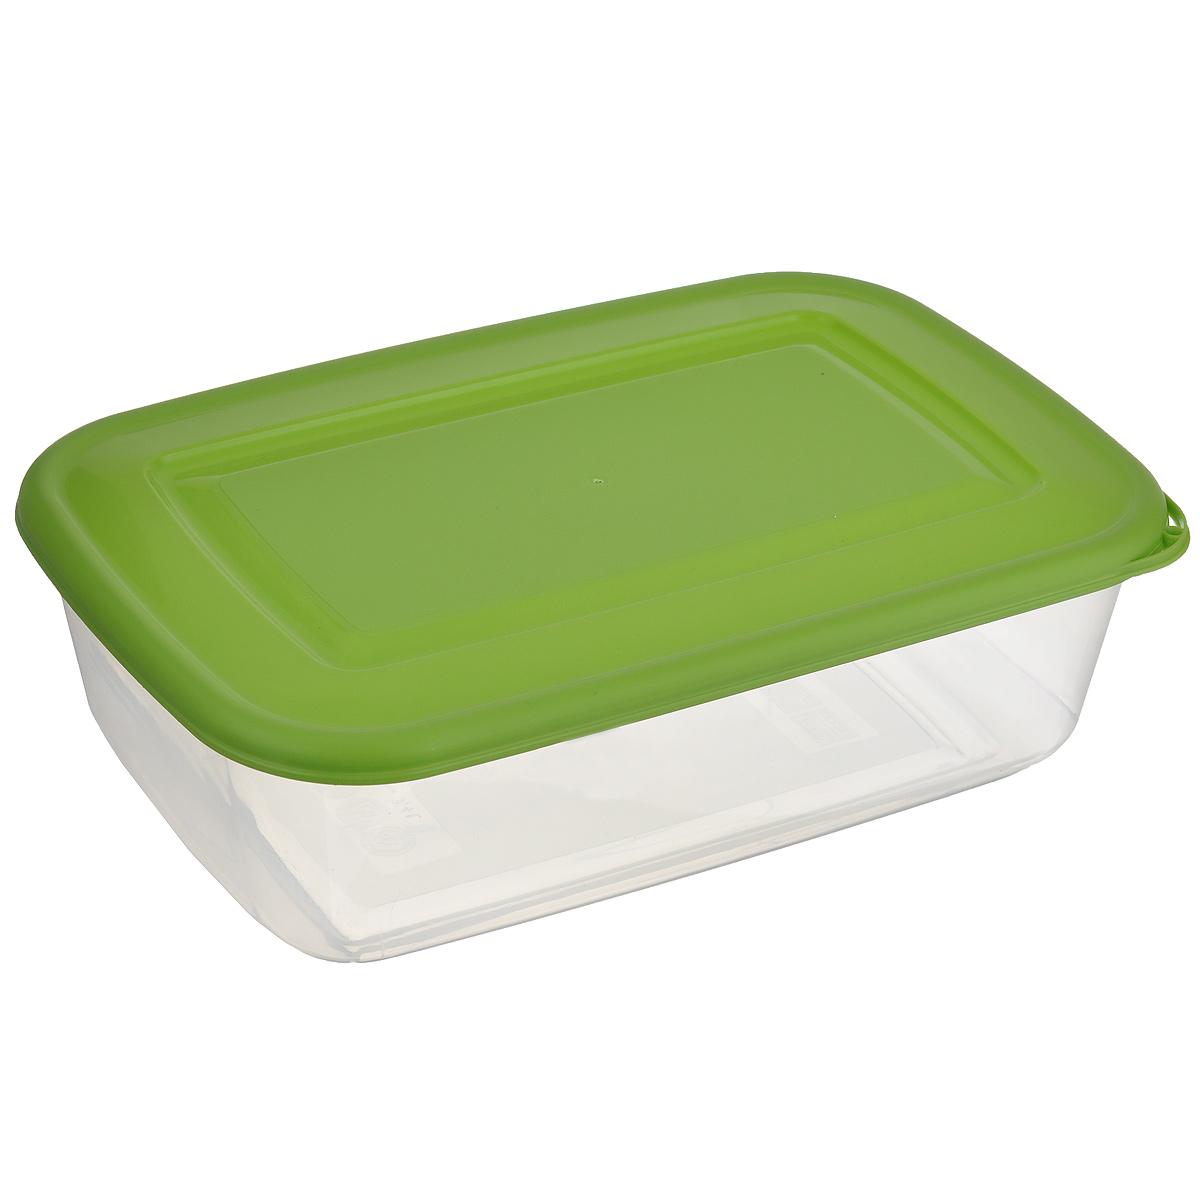 Контейнер Бытпласт, цвет: прозрачный, зеленый, 3,4 лАксион Т-33Контейнер Бытпласт, изготовленный из пищевого пластика, предназначен специально для хранения пищевых продуктов. Крышка легко открывается и плотно закрывается.Контейнер устойчив к воздействию масел и жиров, легко моется. Прозрачные стенки позволяют видеть содержимое. Можно использовать в микроволновой печи только для разогрева пищи и без крышки, подходит для хранения пищи в холодильнике. Можно мыть в посудомоечной машине.